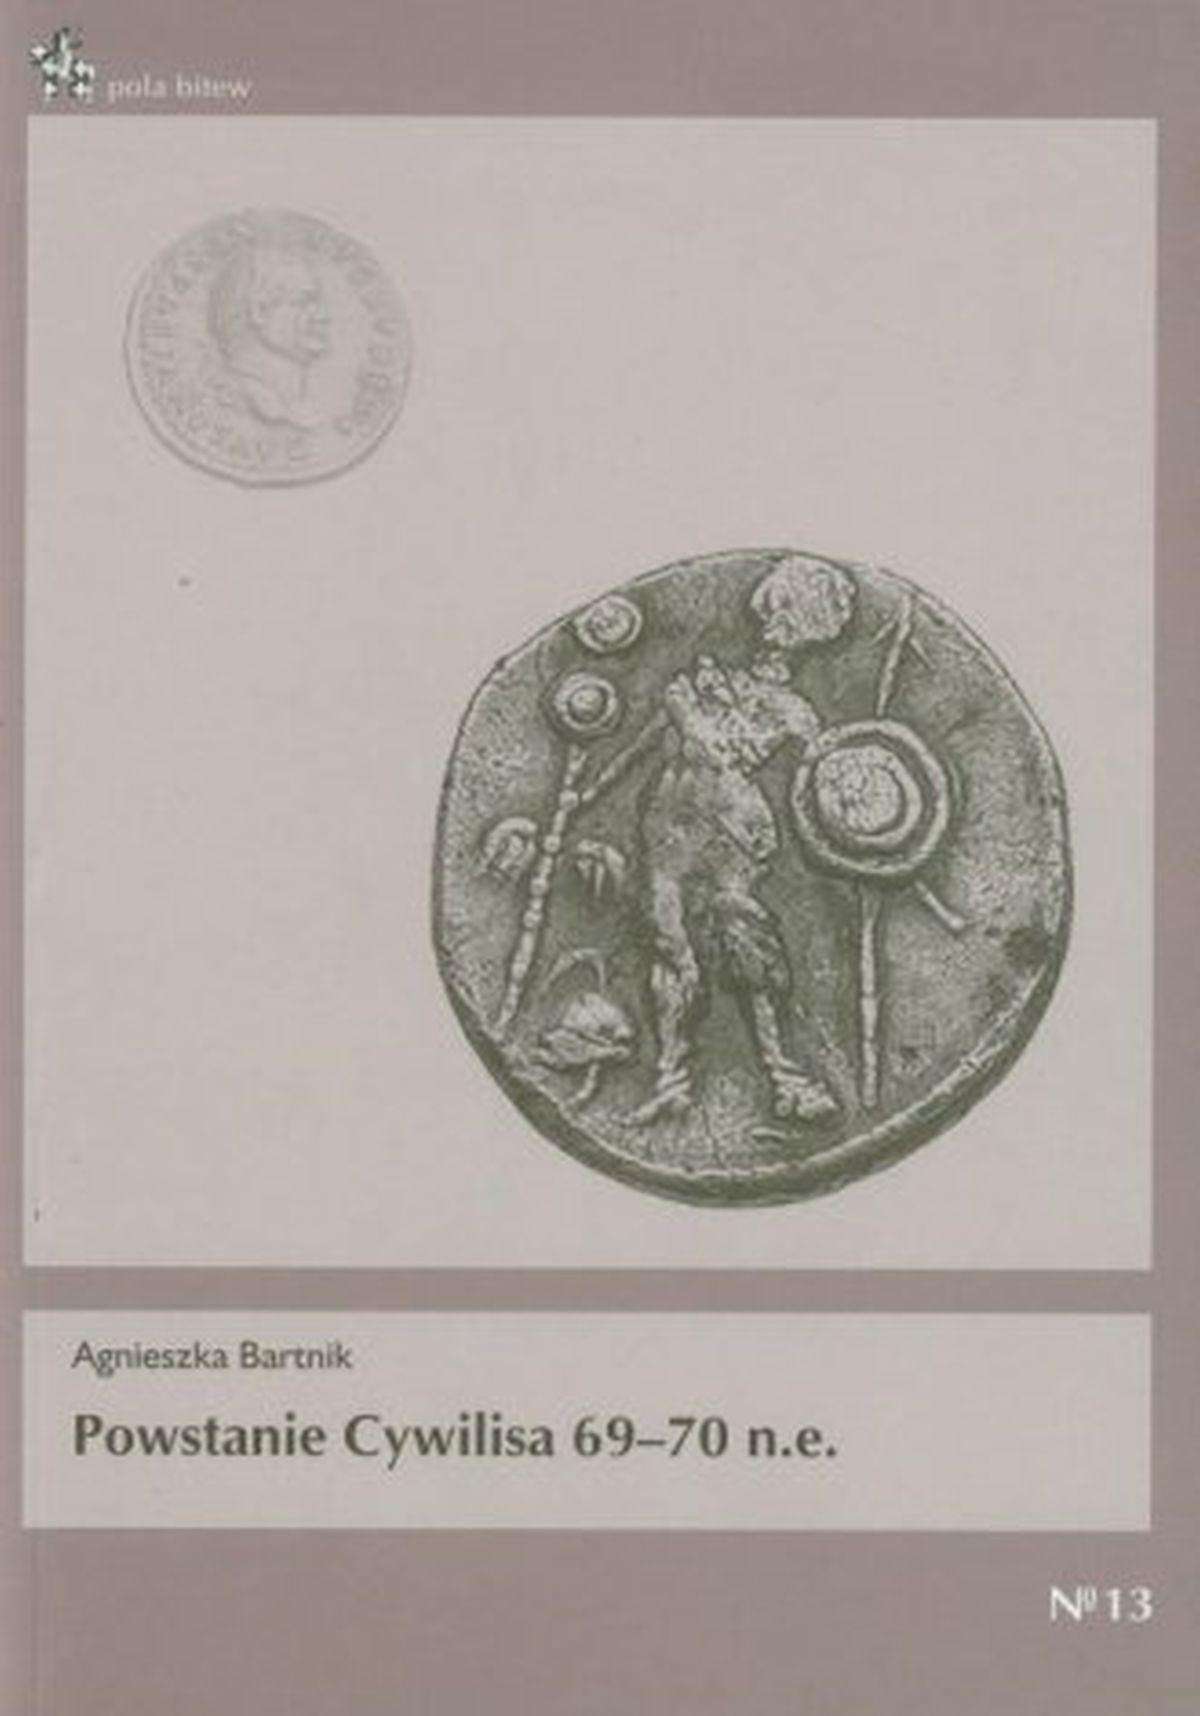 Powstanie Cywilisa 69-70 n.e.